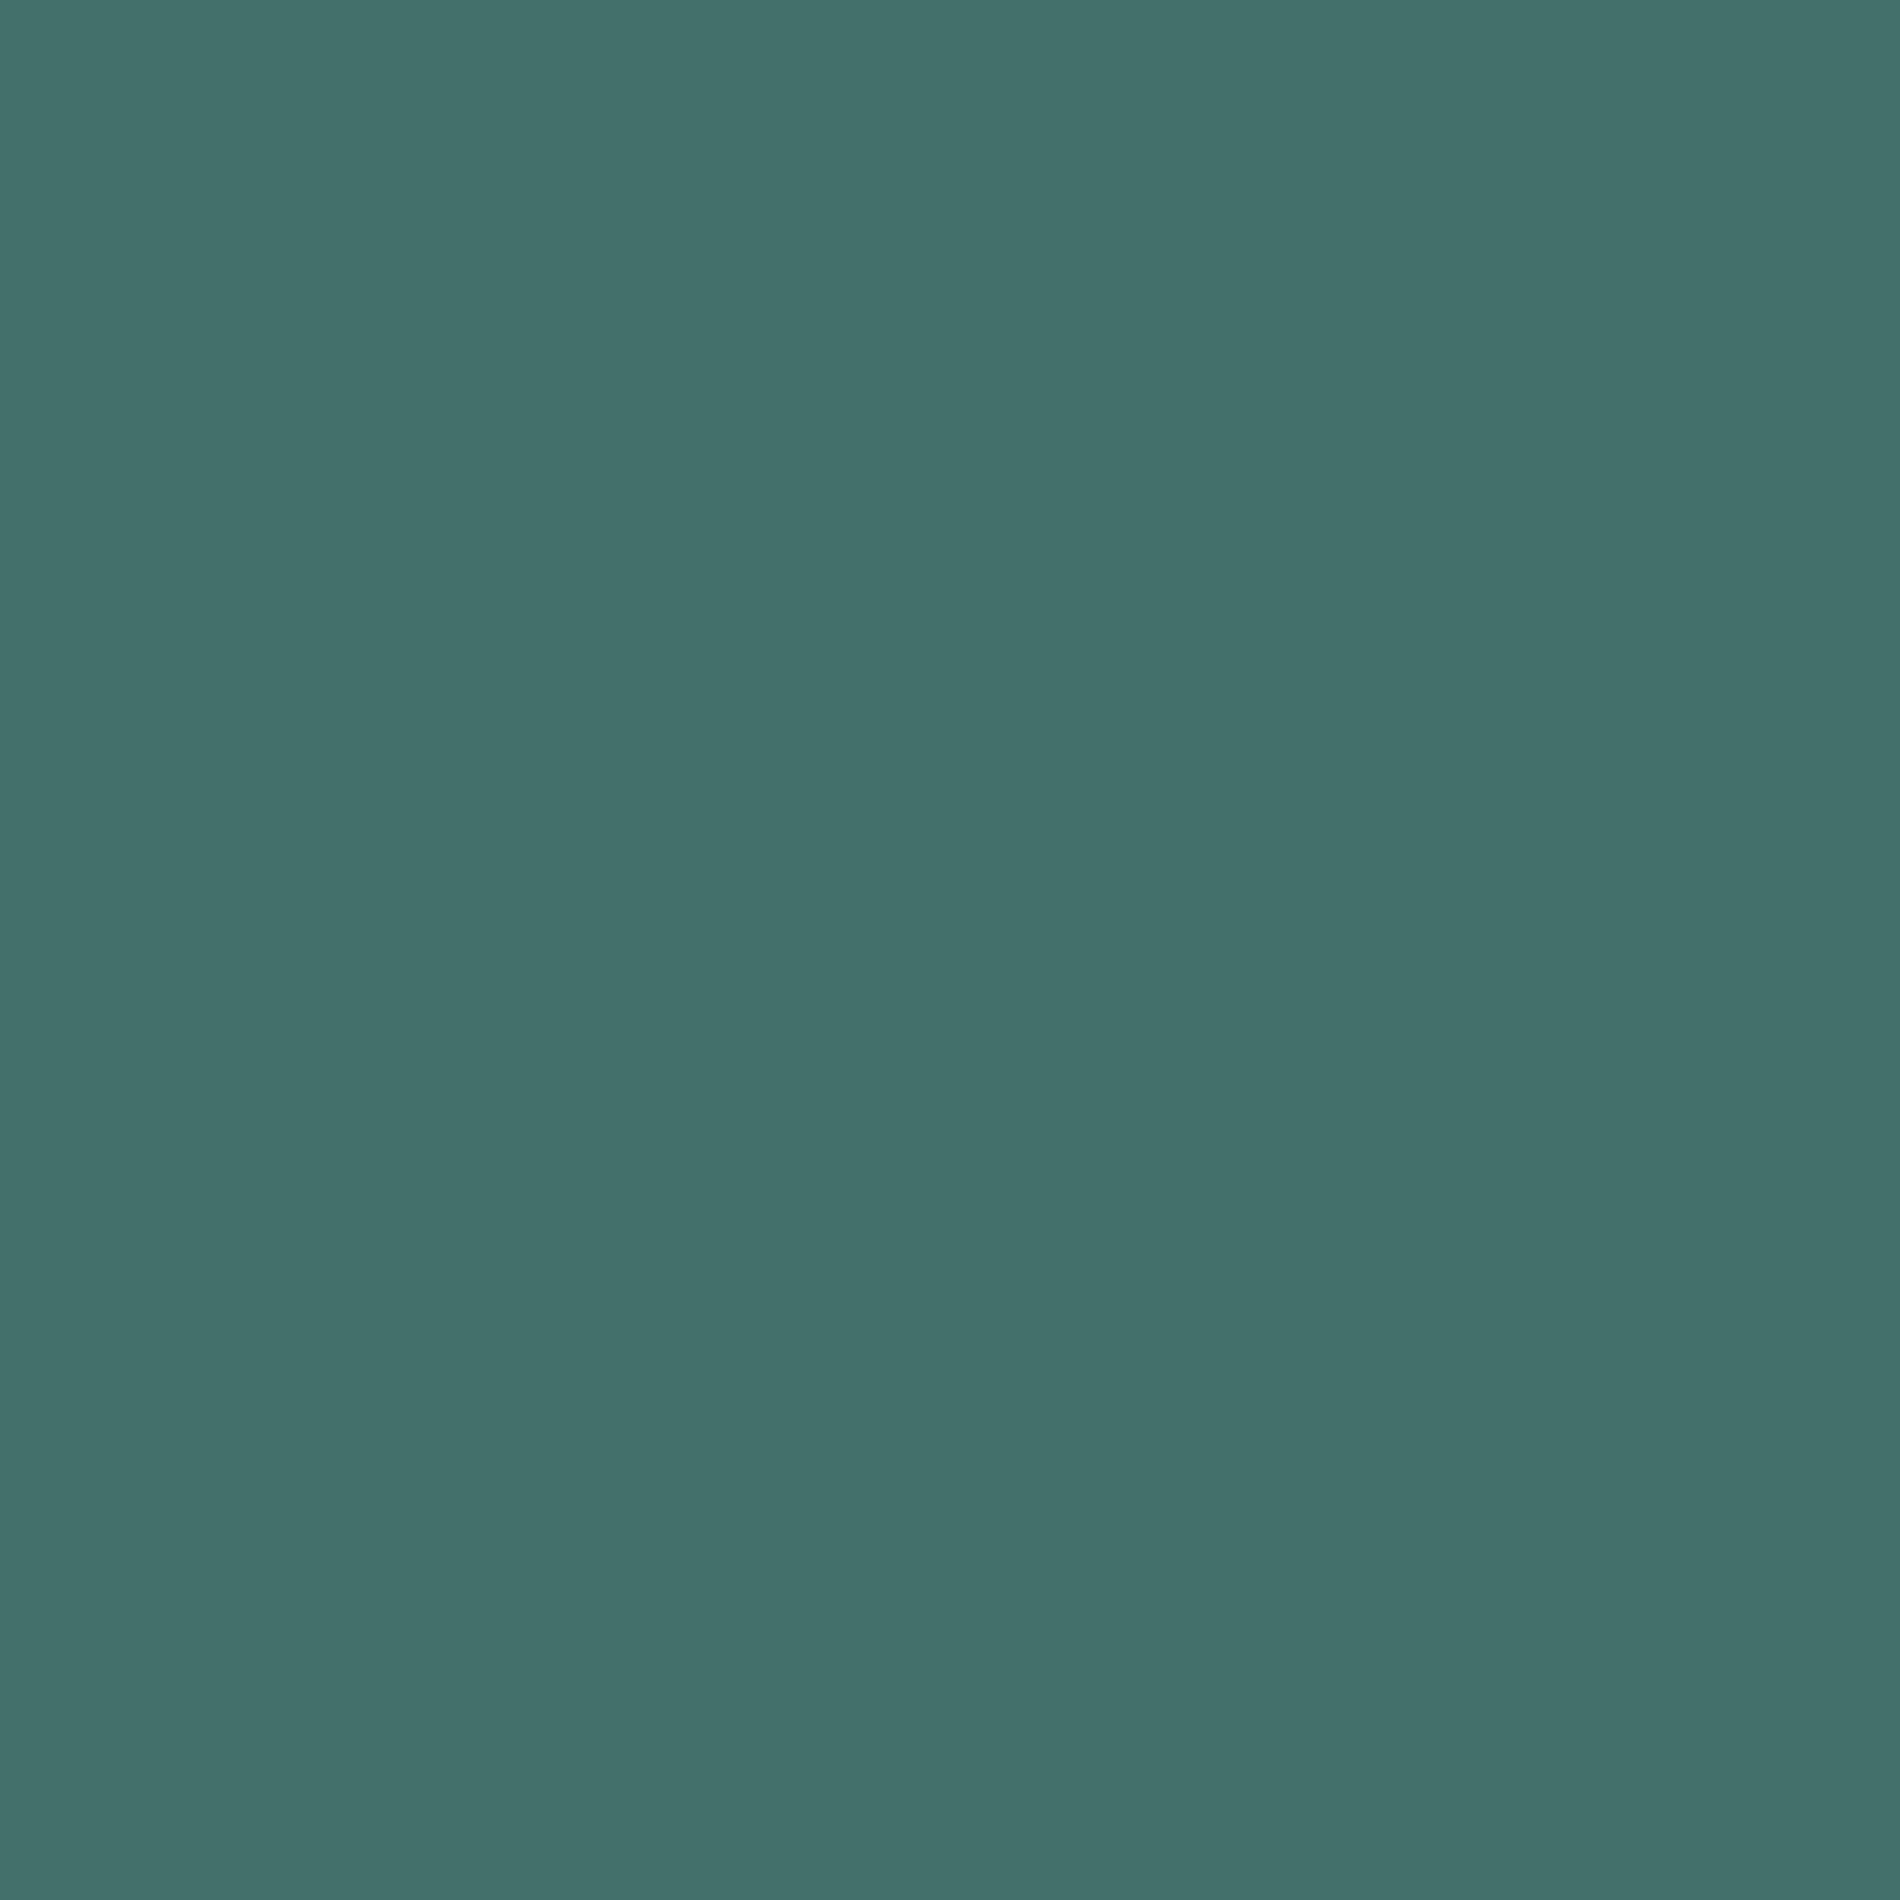 grün 30